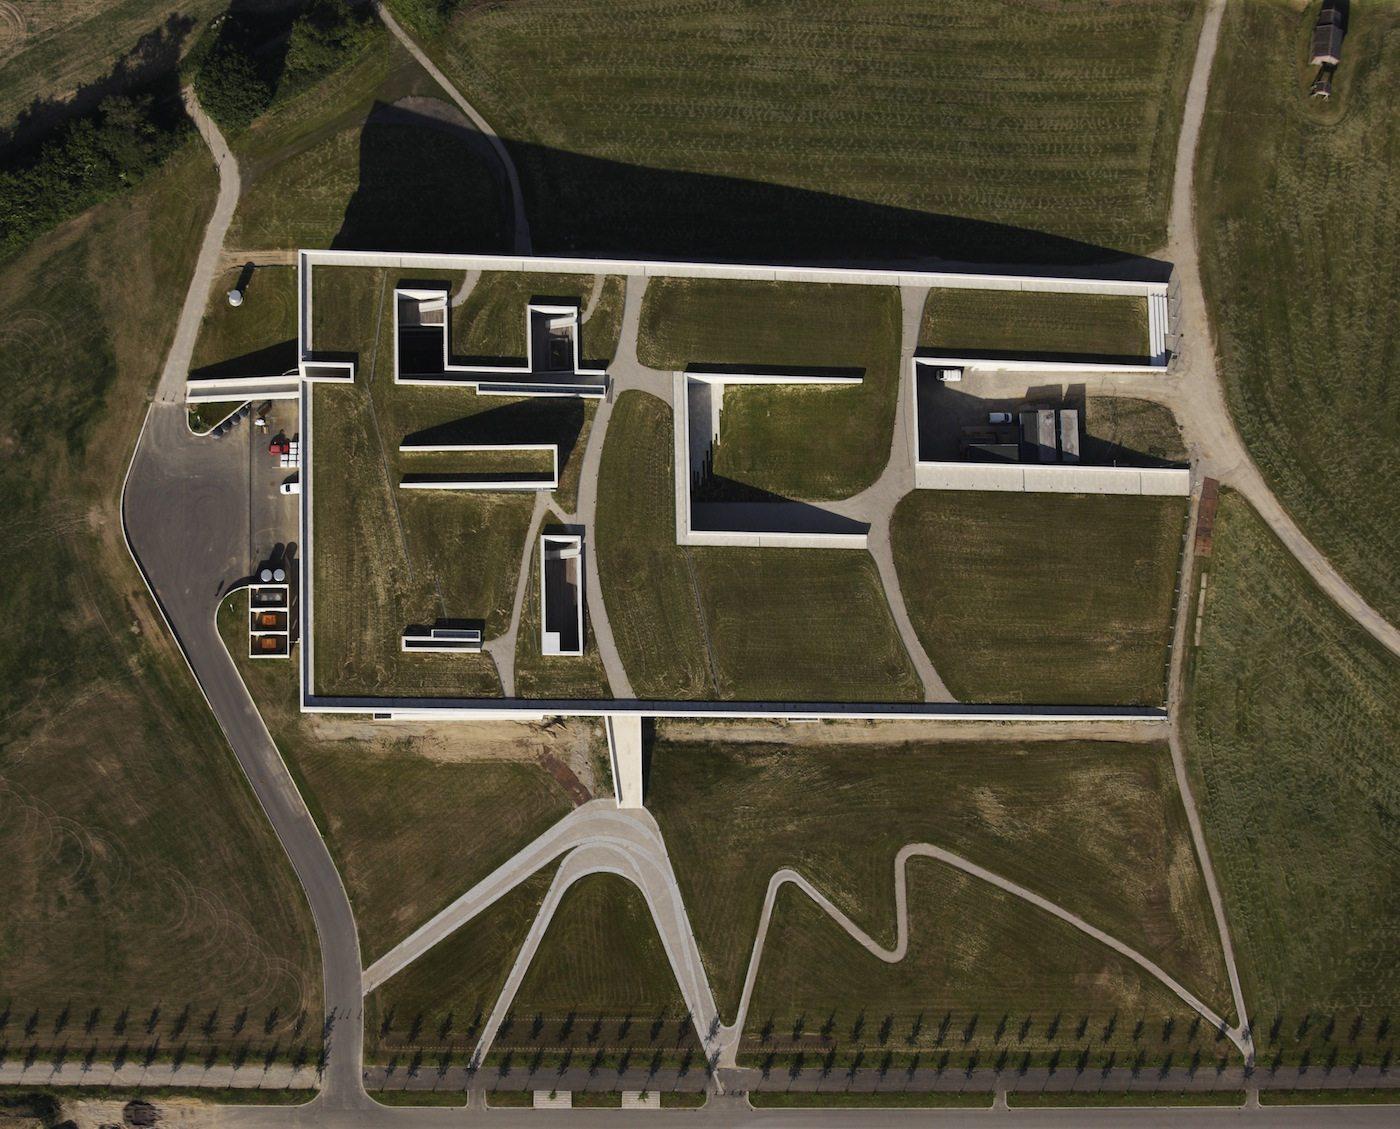 Moesgaard Museum. Von 2011– 2014 wurde nördlich des alten Museums ein 16.000 Quadratmeter großer Neubau errichtet, gestaltet von Henning Larsen Architects und der Landschaftsarchitektin Kristine Jensens Tegnestue ...